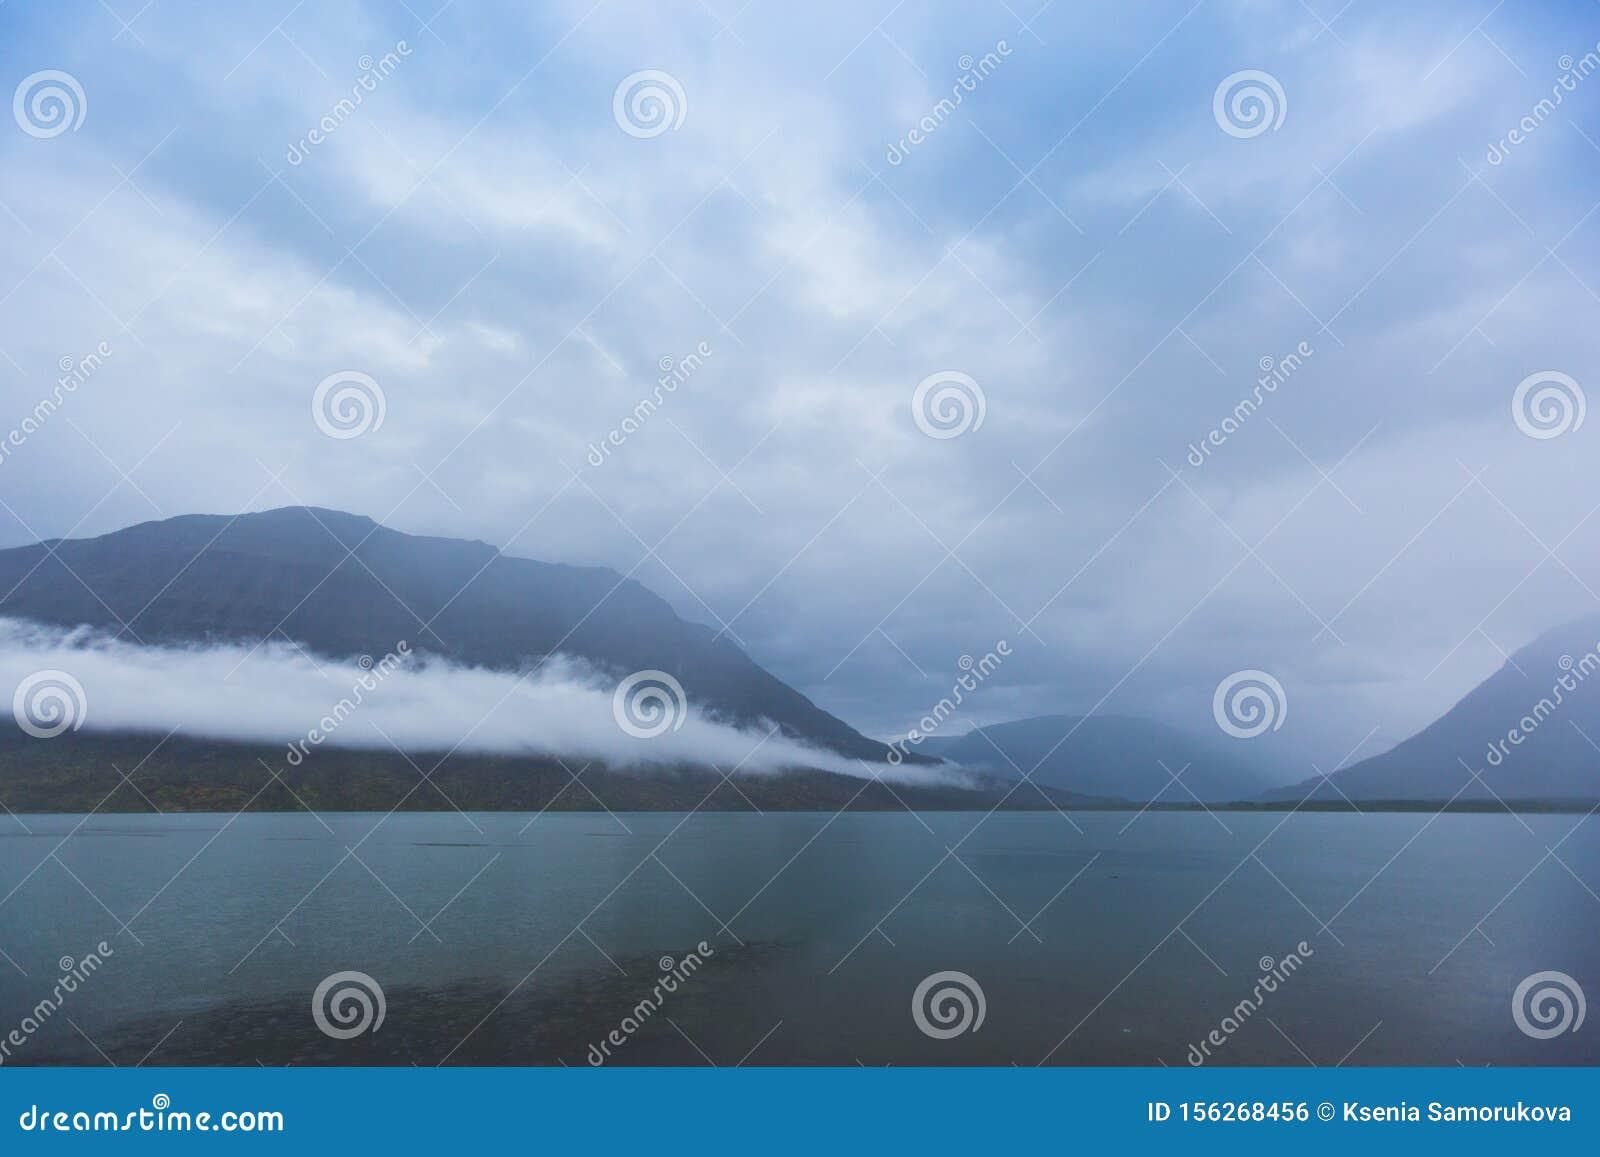 Lama Lake on Putorana Plateau. Russia